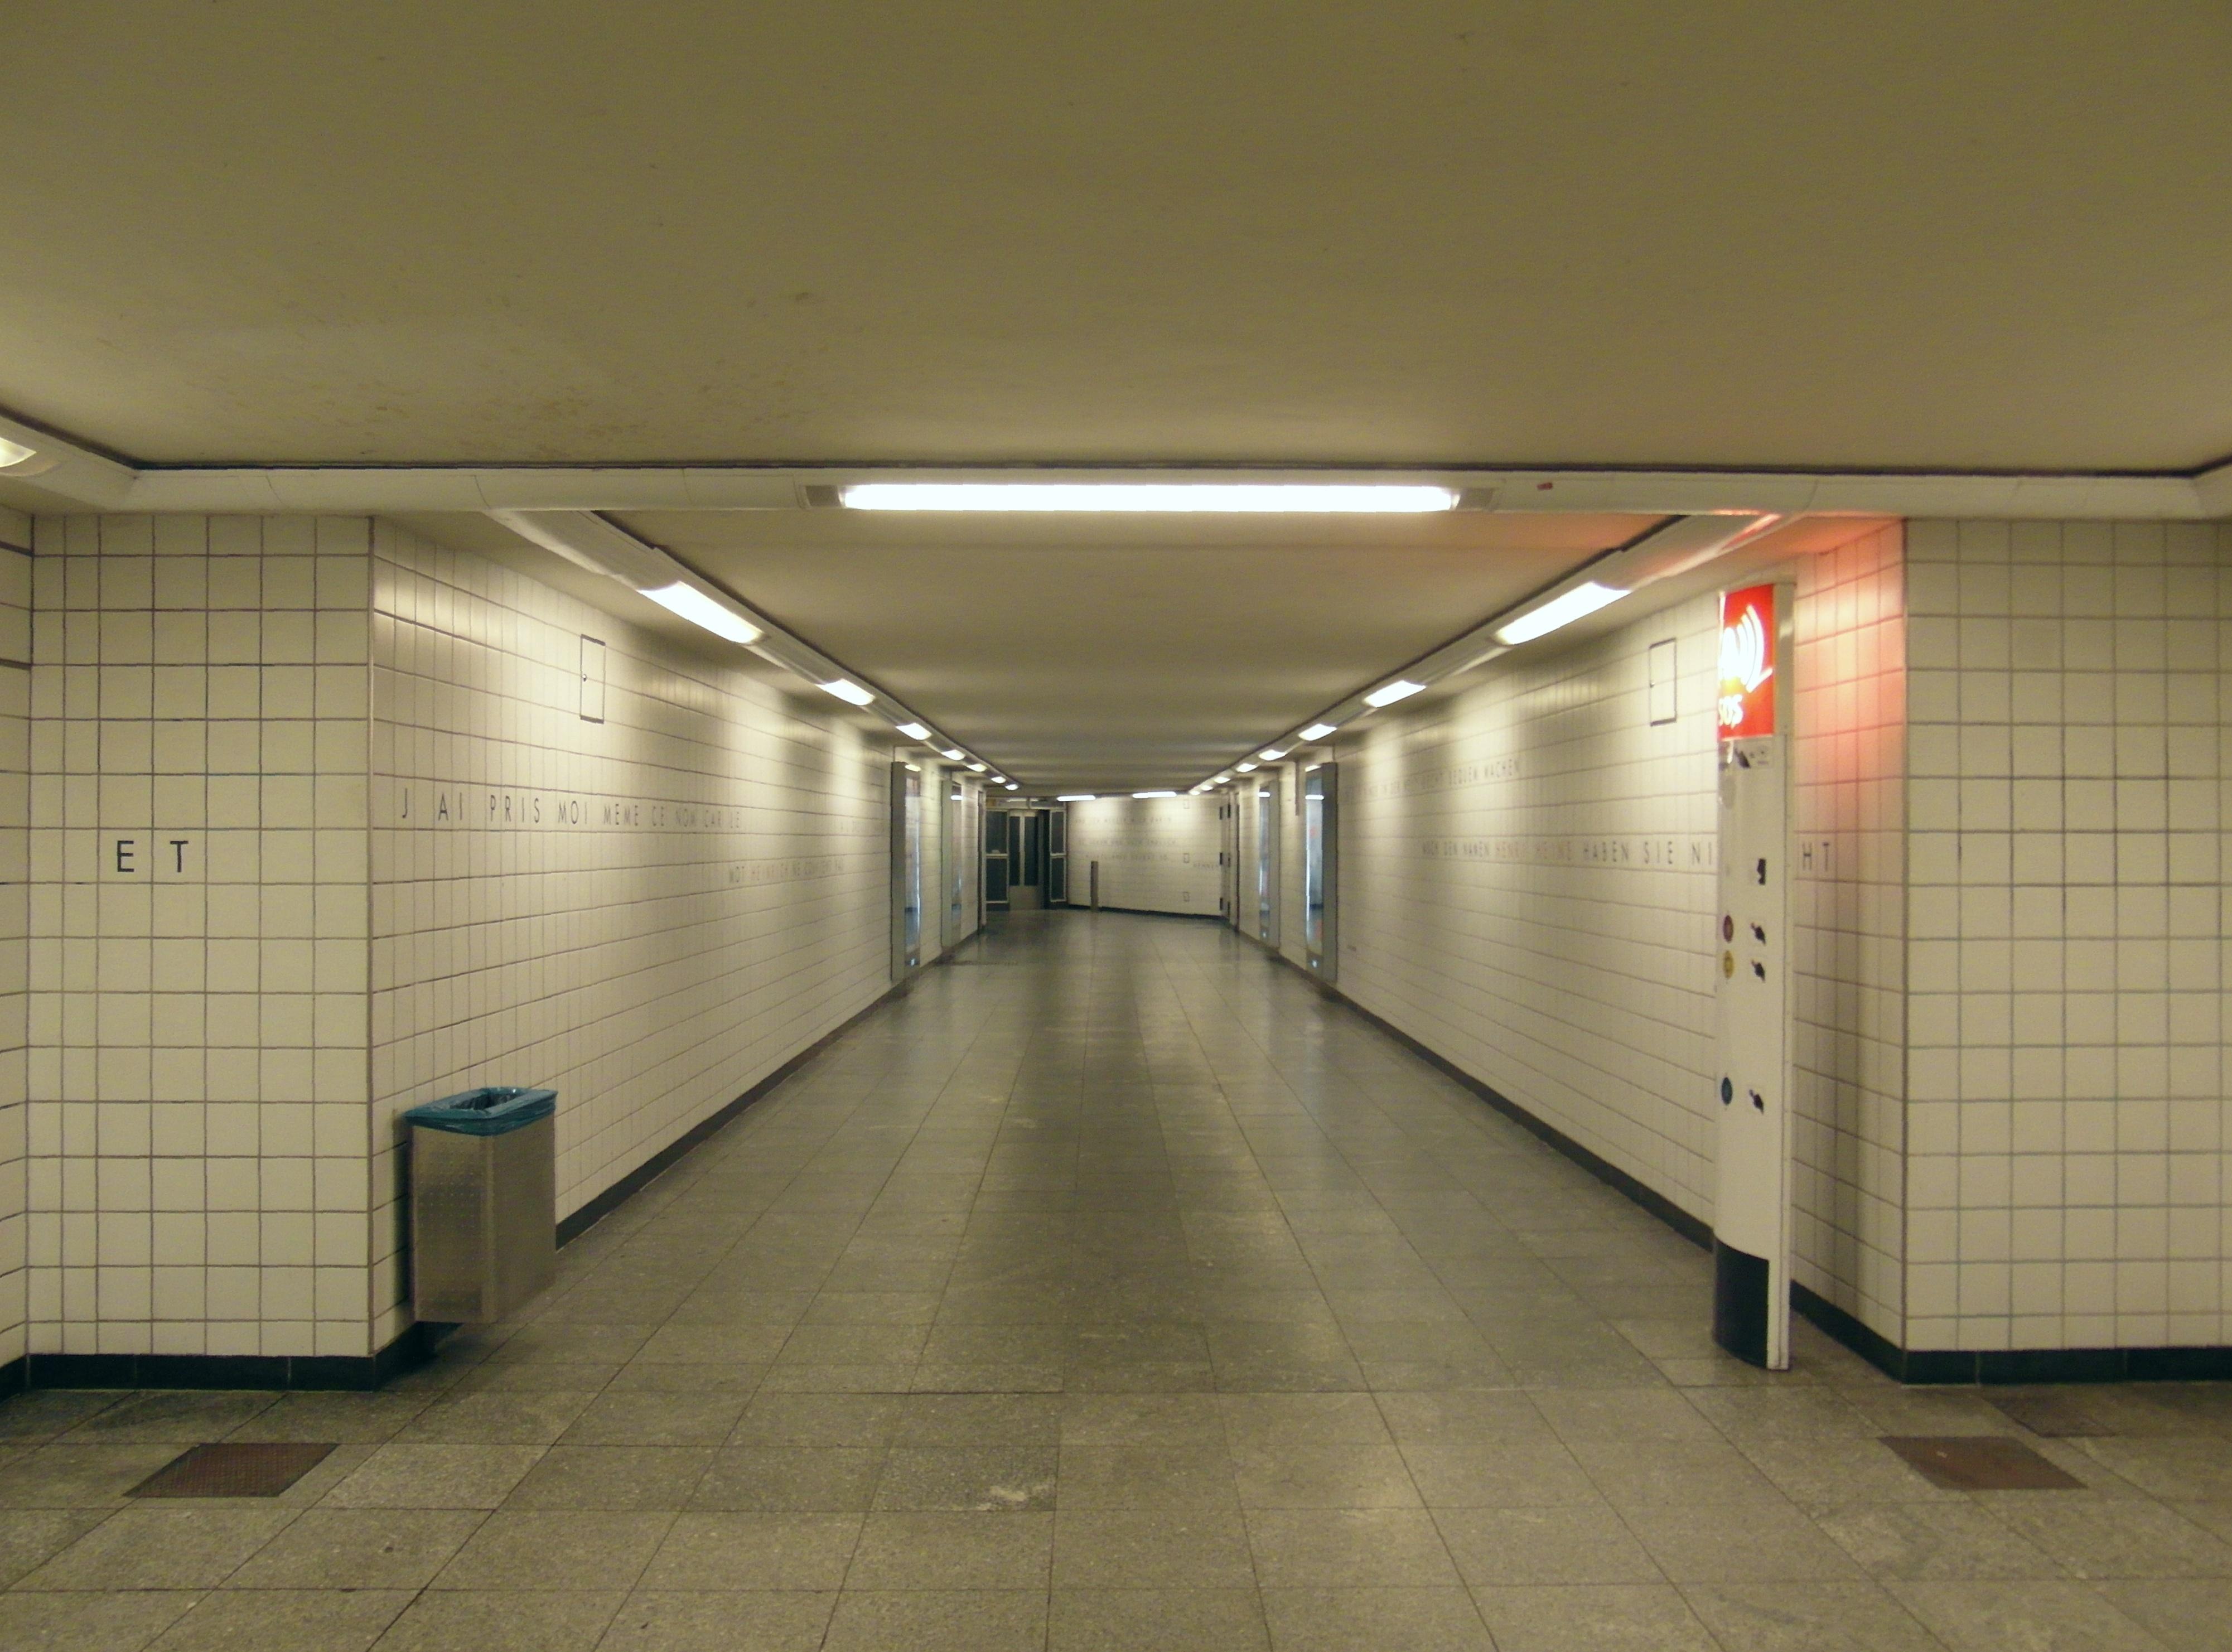 file berlin u bahnhof westhafen linie u9 7606192244 jpg wikimedia commons. Black Bedroom Furniture Sets. Home Design Ideas